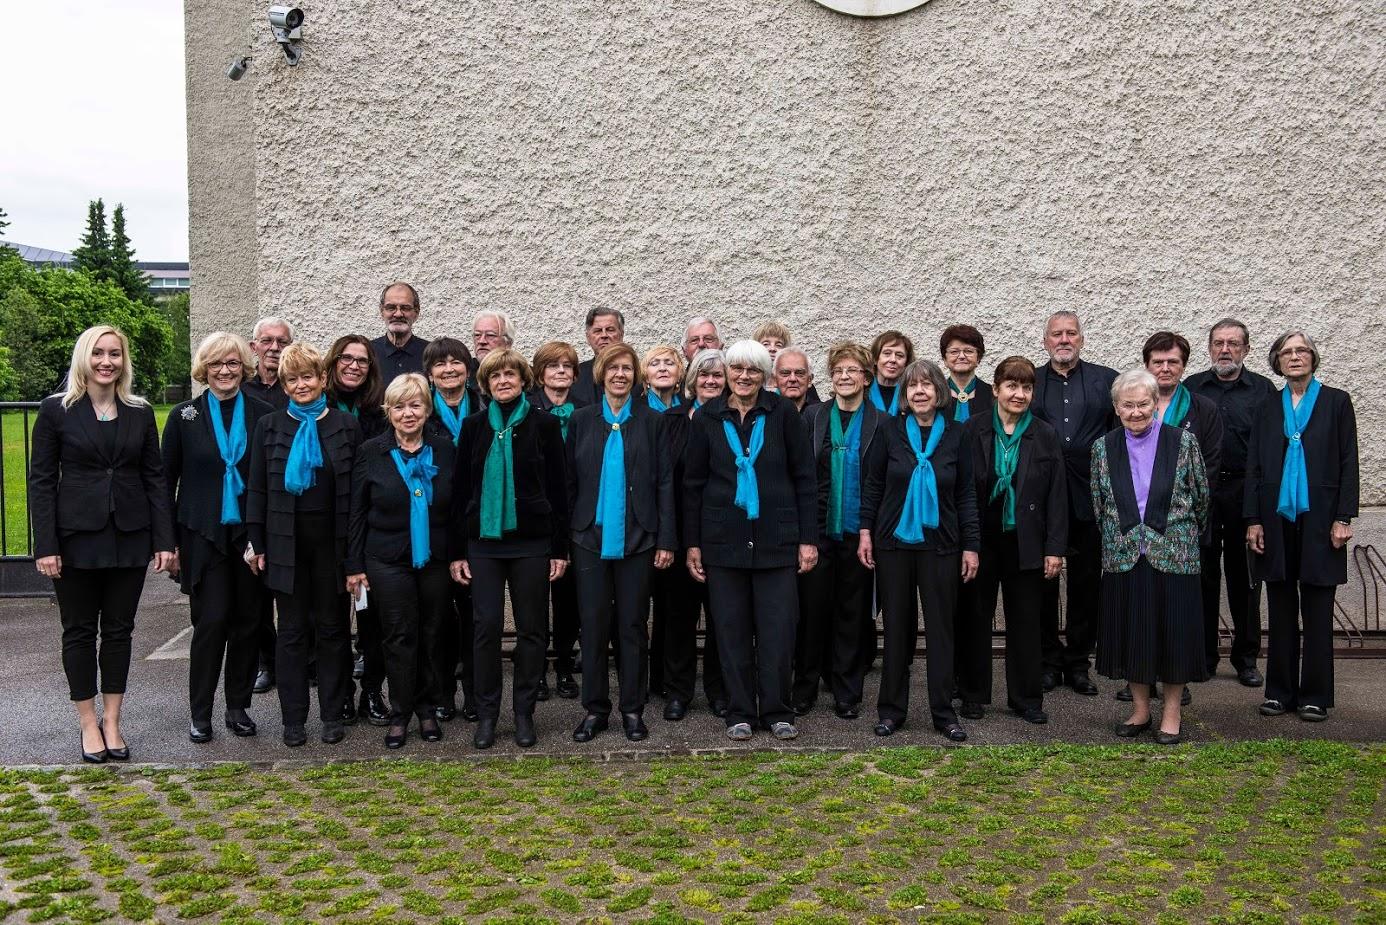 Mešani pevski zbor leta 2020